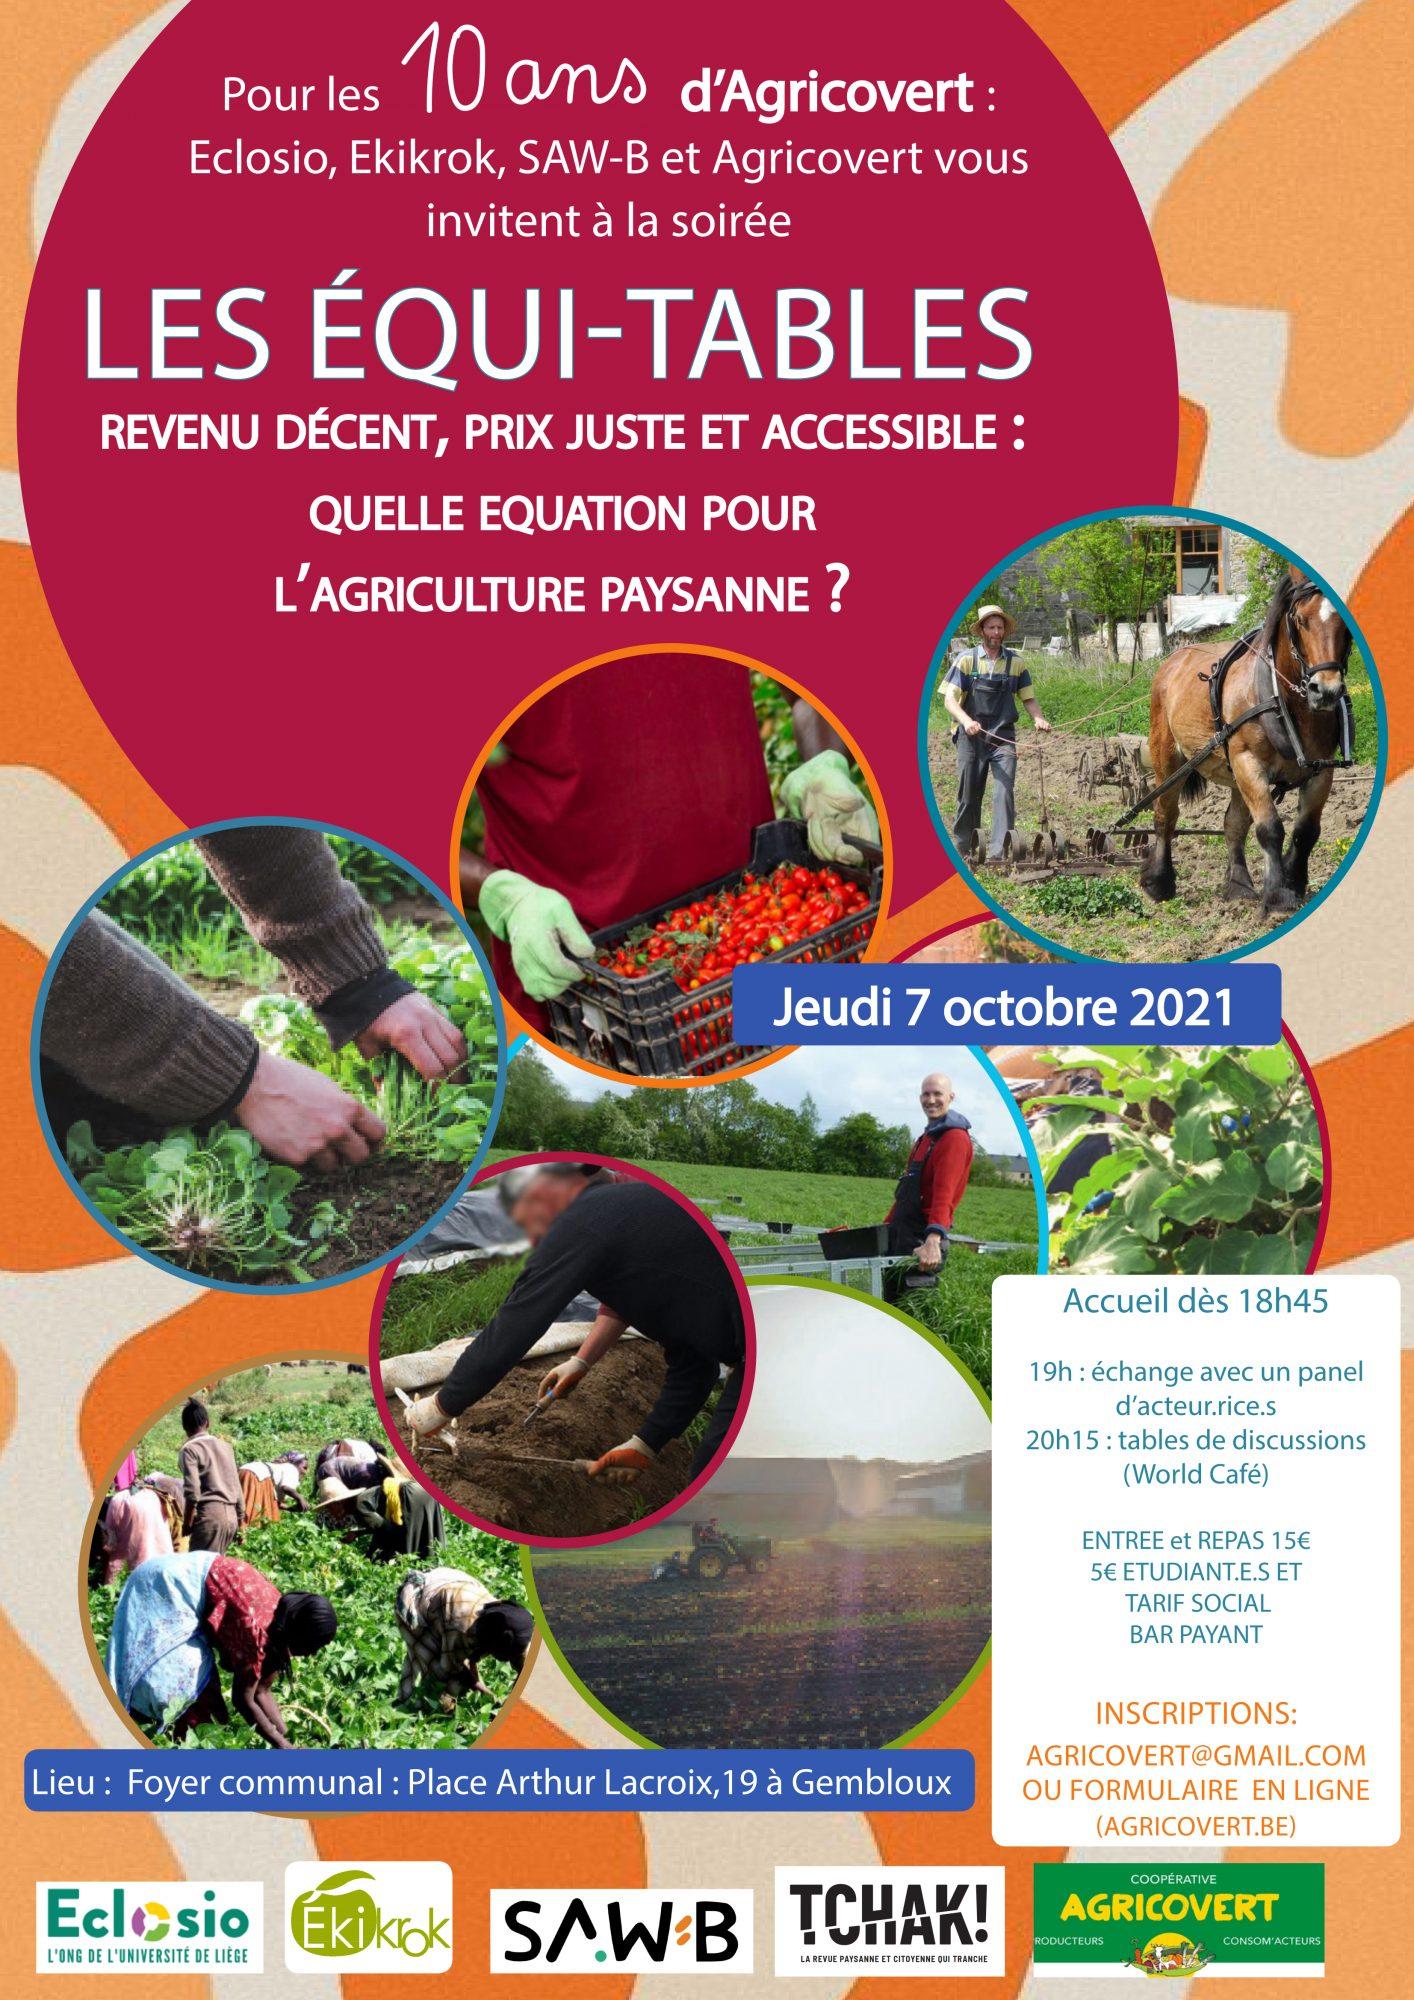 Les Equi-tables 2021 : conférence et repas (World Café)